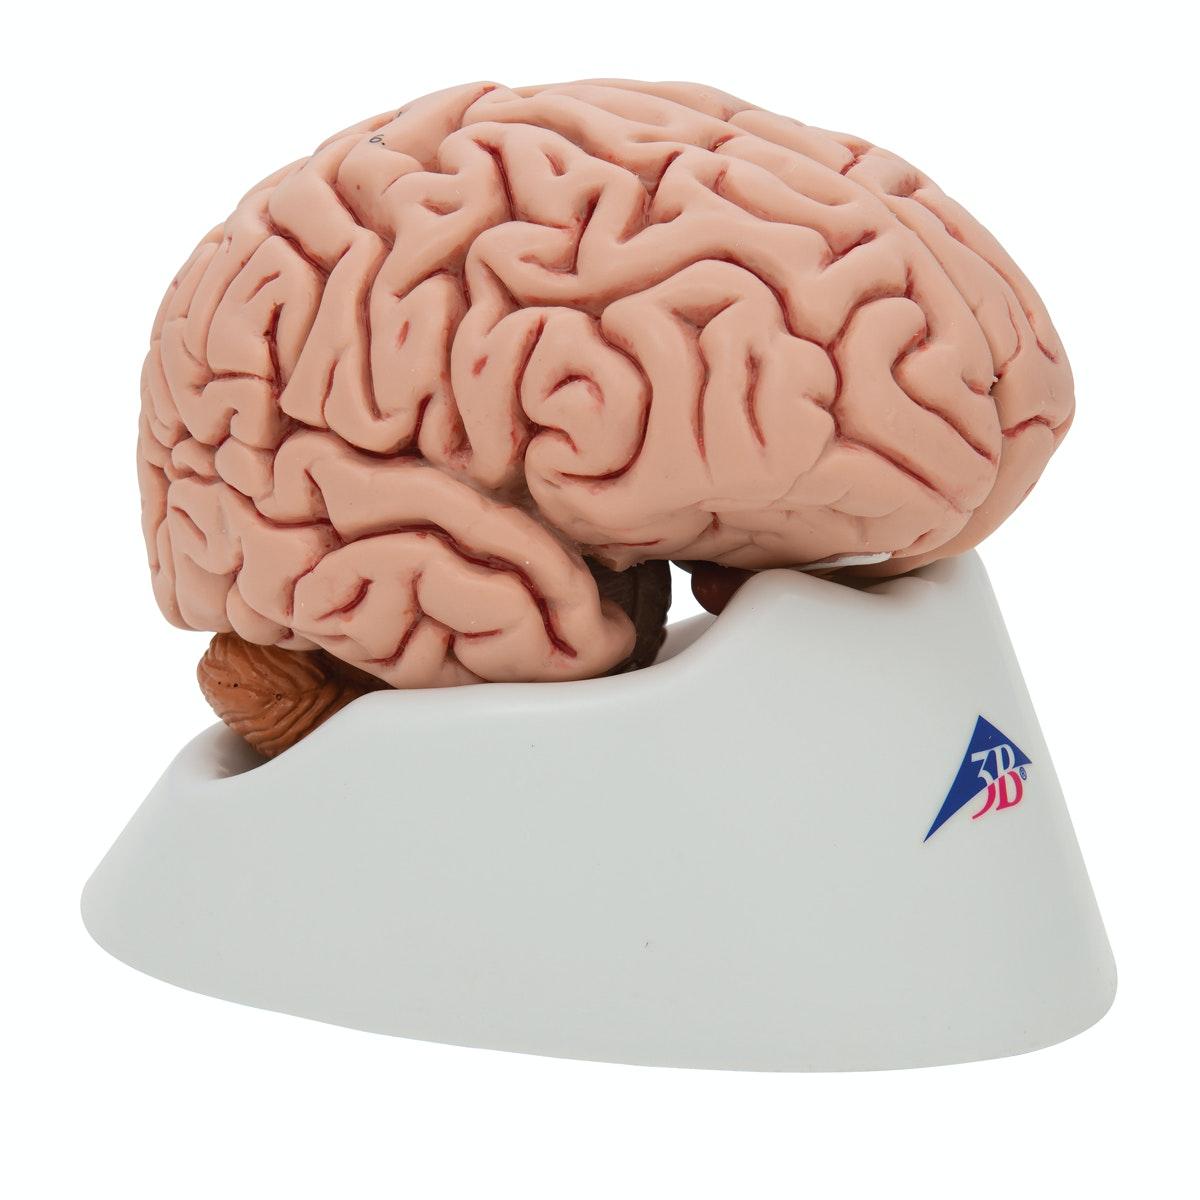 Hjernemodel afstobt efter praeparat.jpg?ixlib=rb 1.1